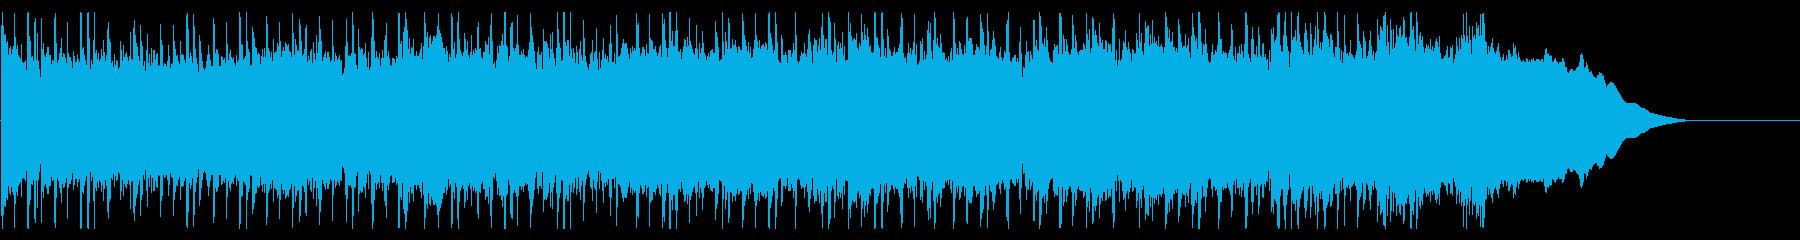 企業VP 爽やかなギターロック Bの再生済みの波形